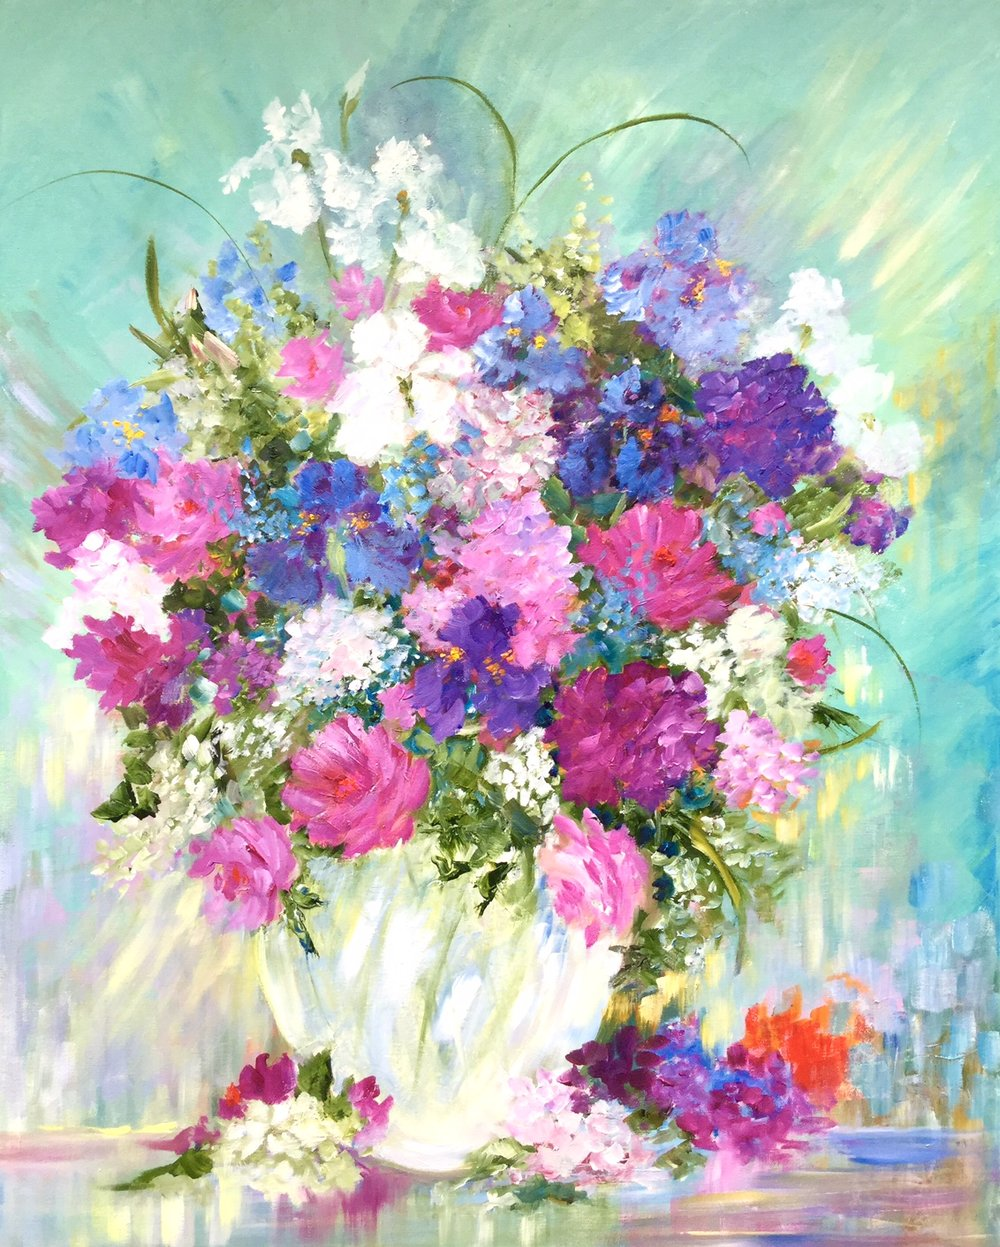 Sunbeam Bouquet